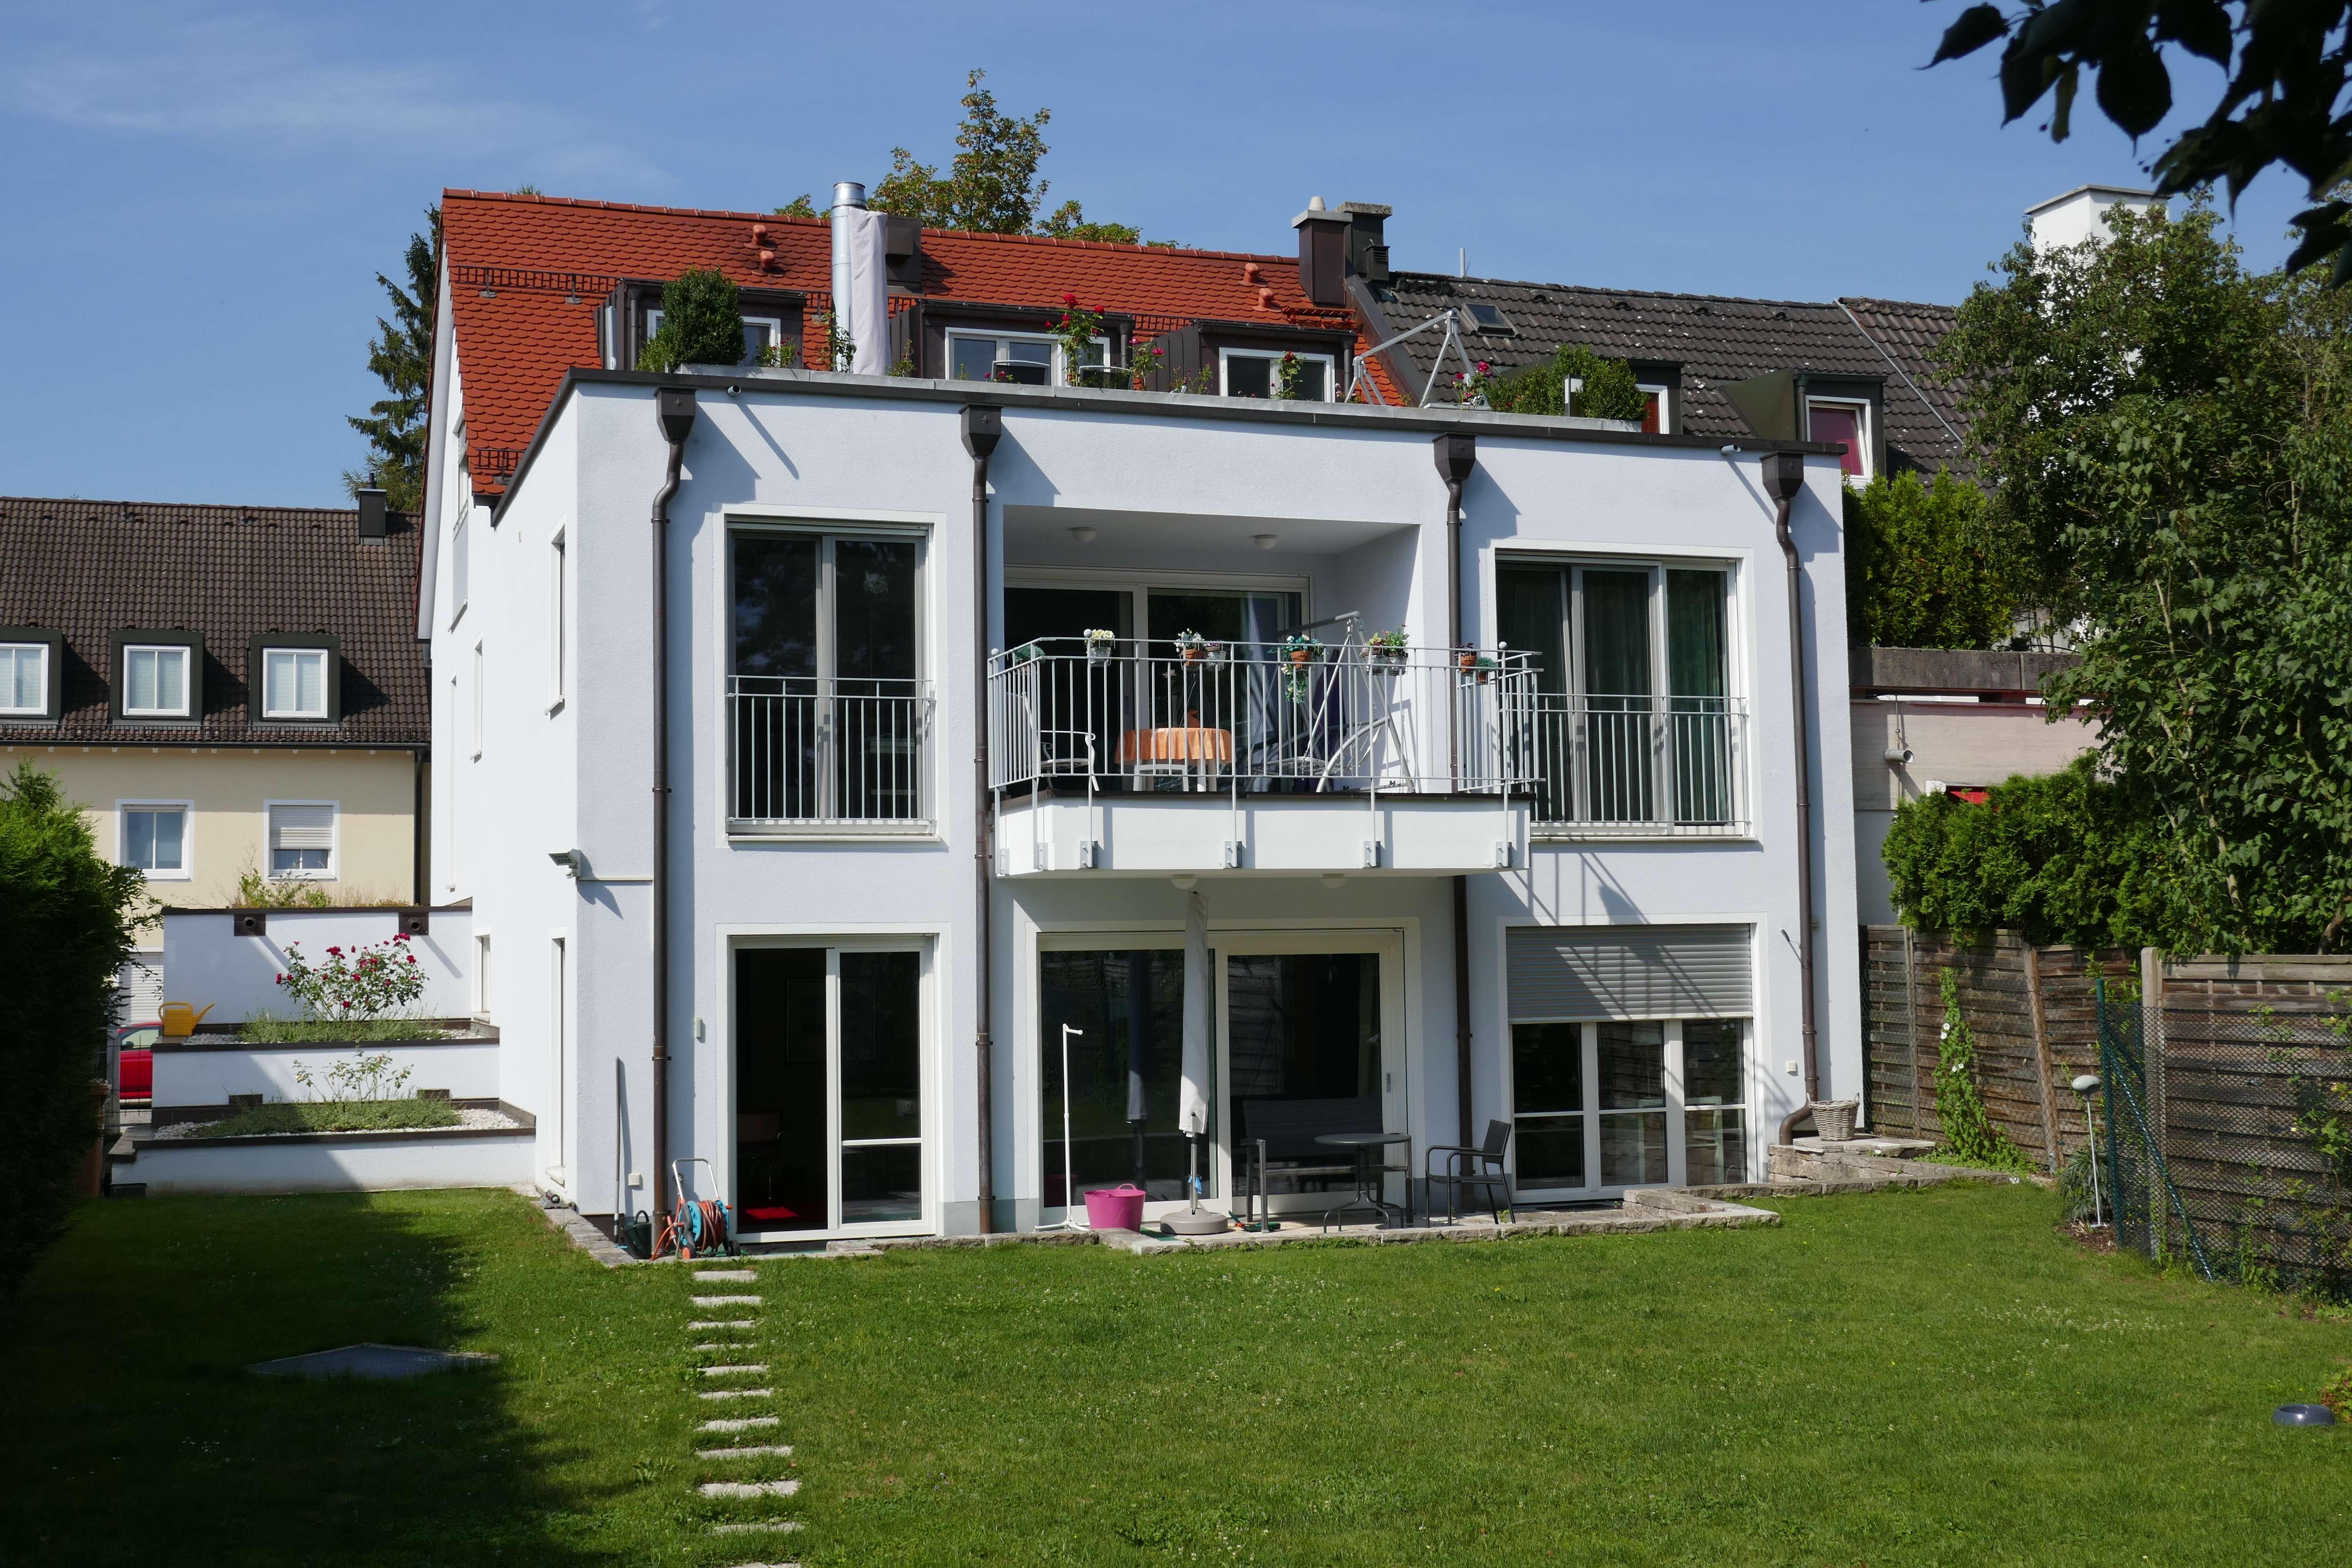 Ruhige 4-Zimmer-Gartenwohnung in 3-Familienhaus, Bestlage Harlaching in Harlaching (München)